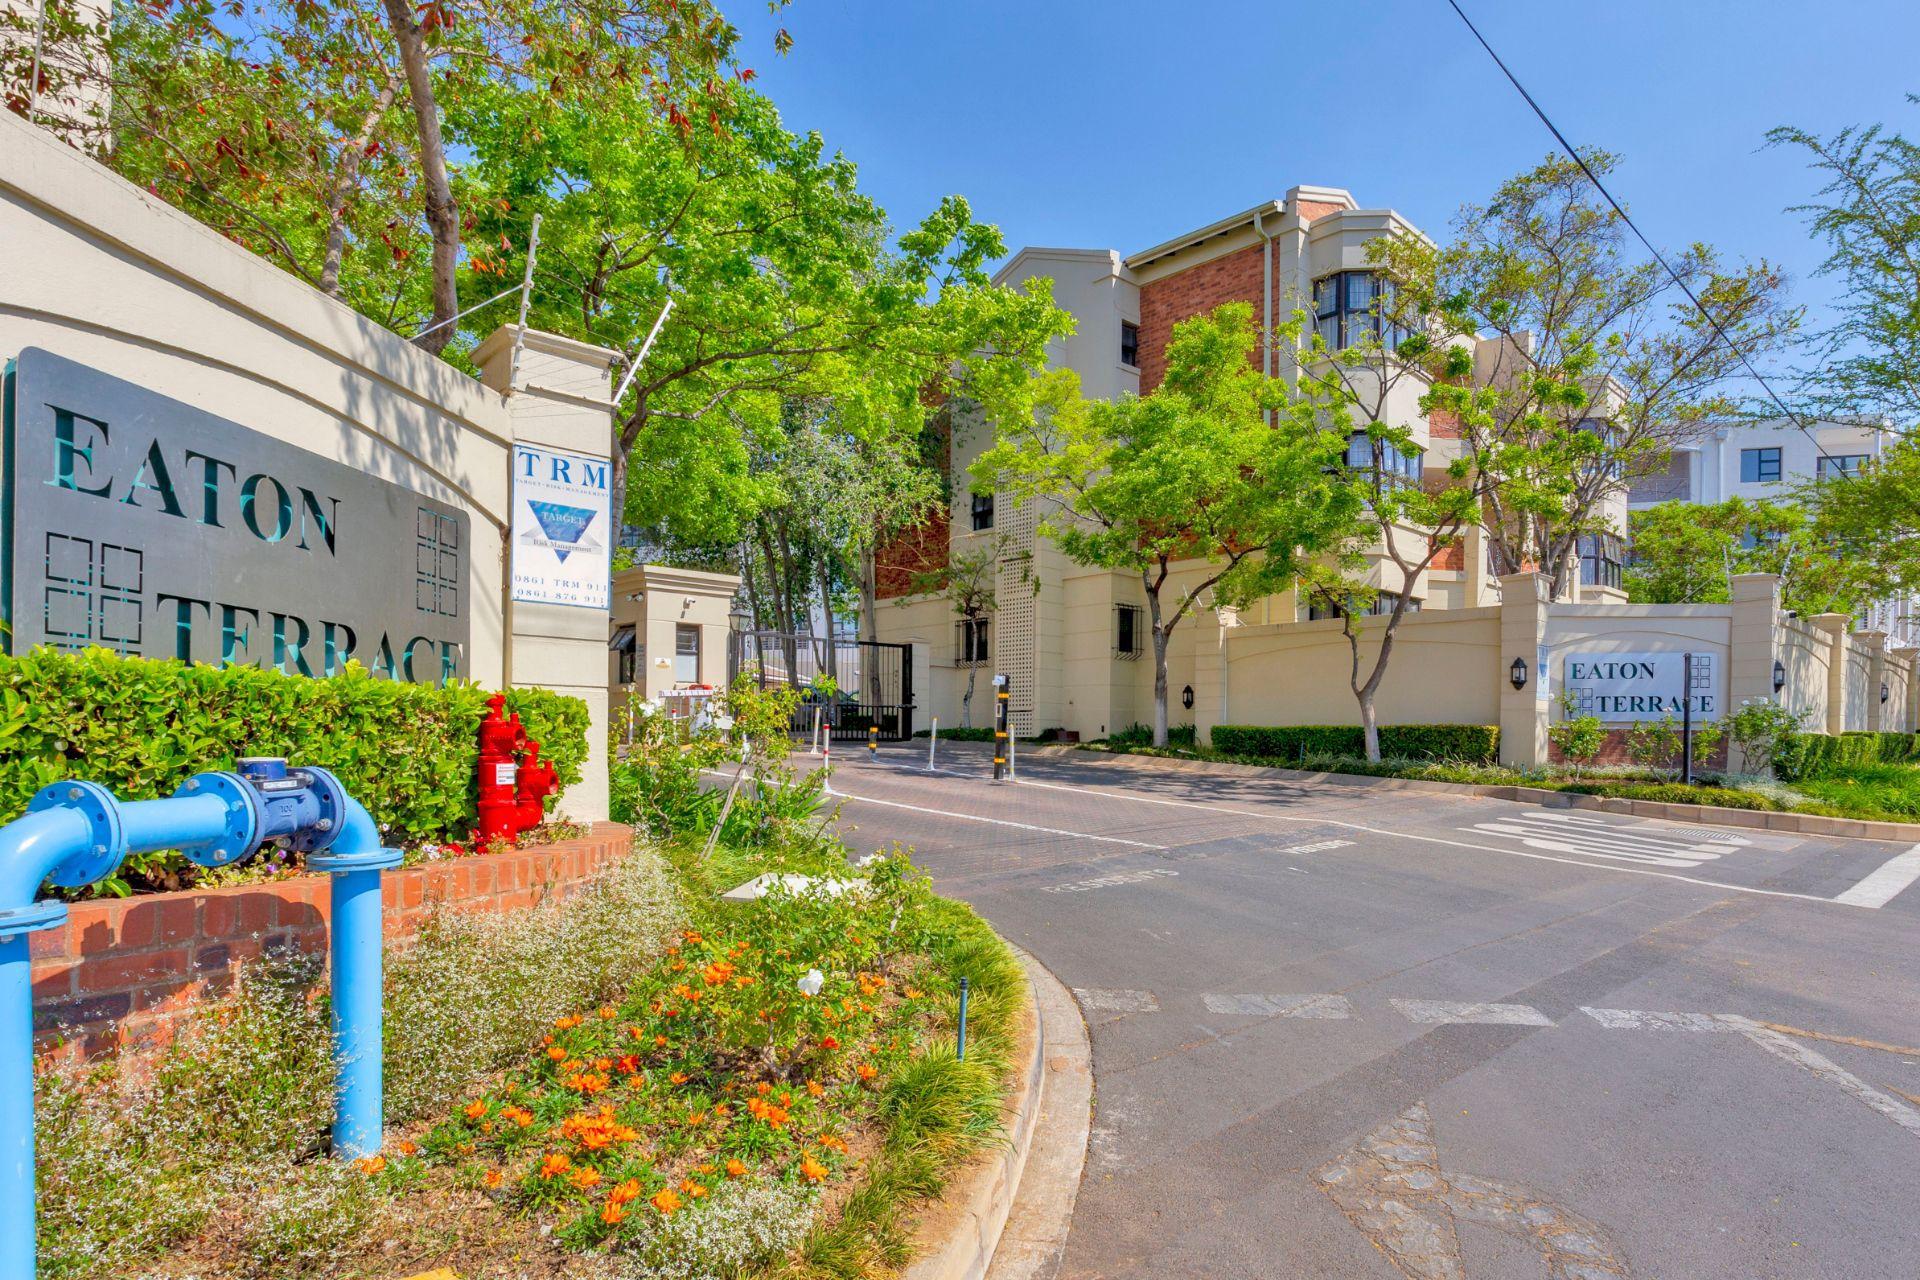 Eaton Terrace Bryanston (15).jpg